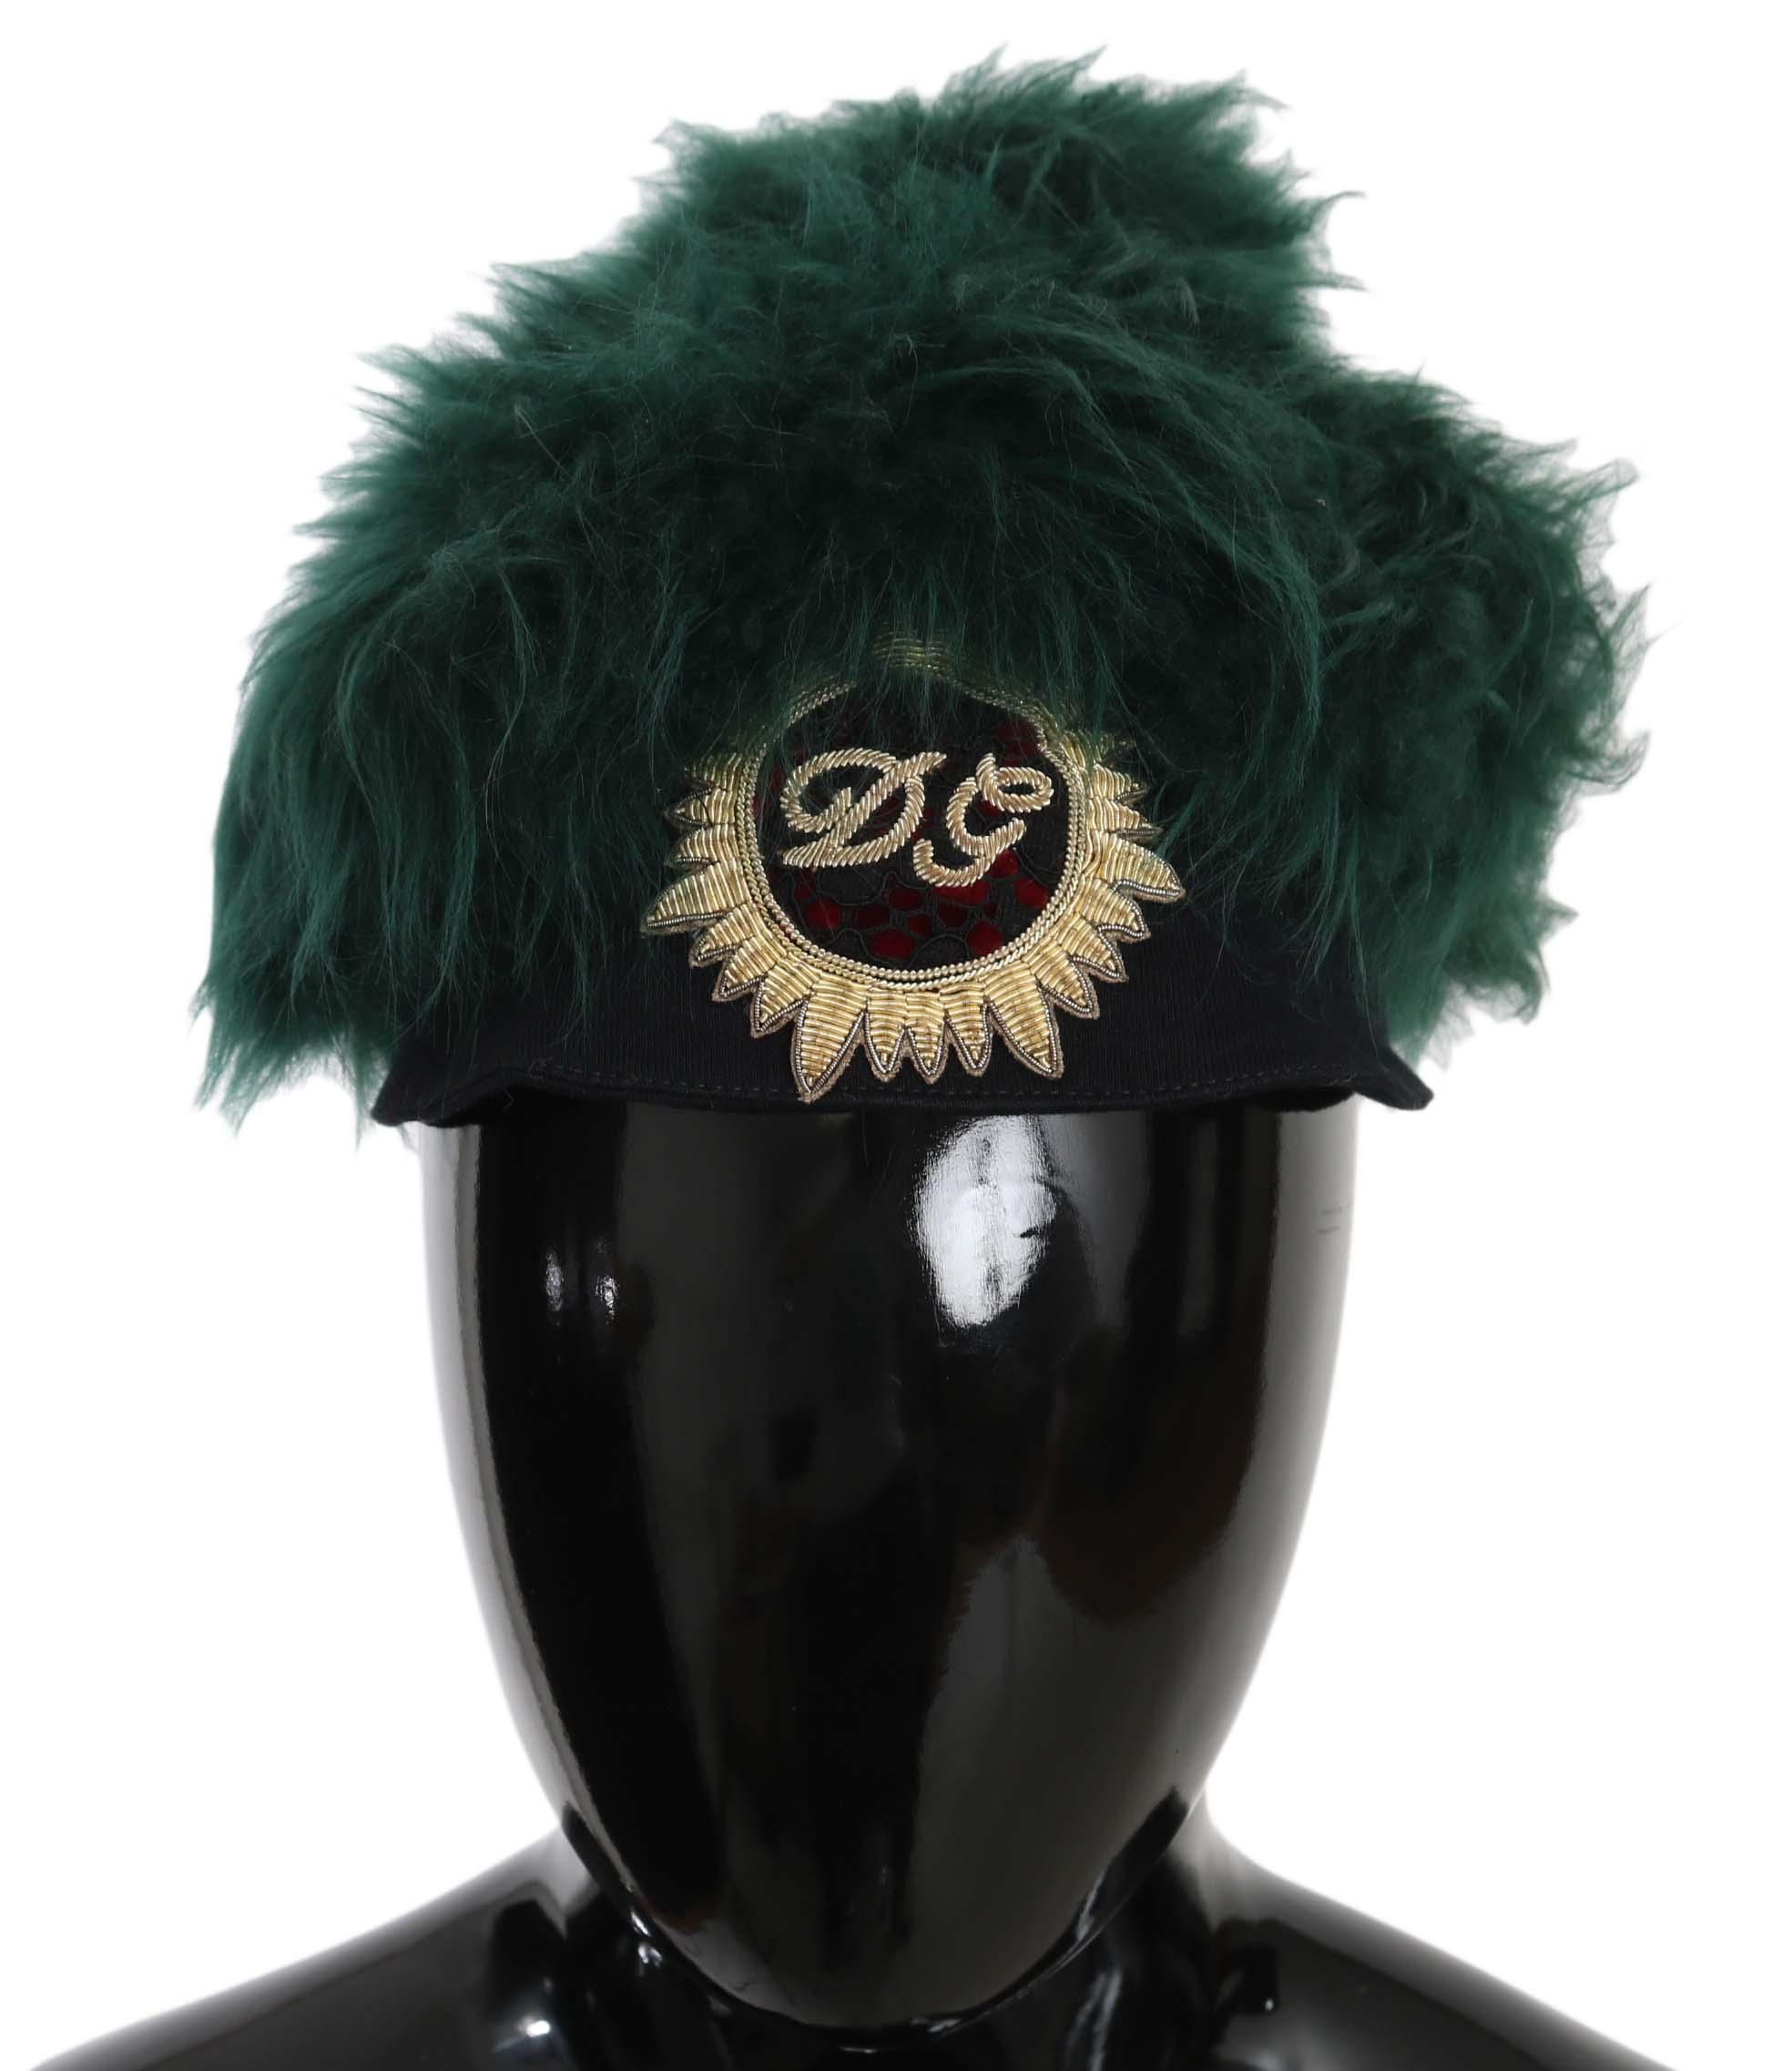 Dolce & Gabbana Women's Fur DG Logo Embroidered Cloche Hat Green HAT70209 - 56 cm|XS